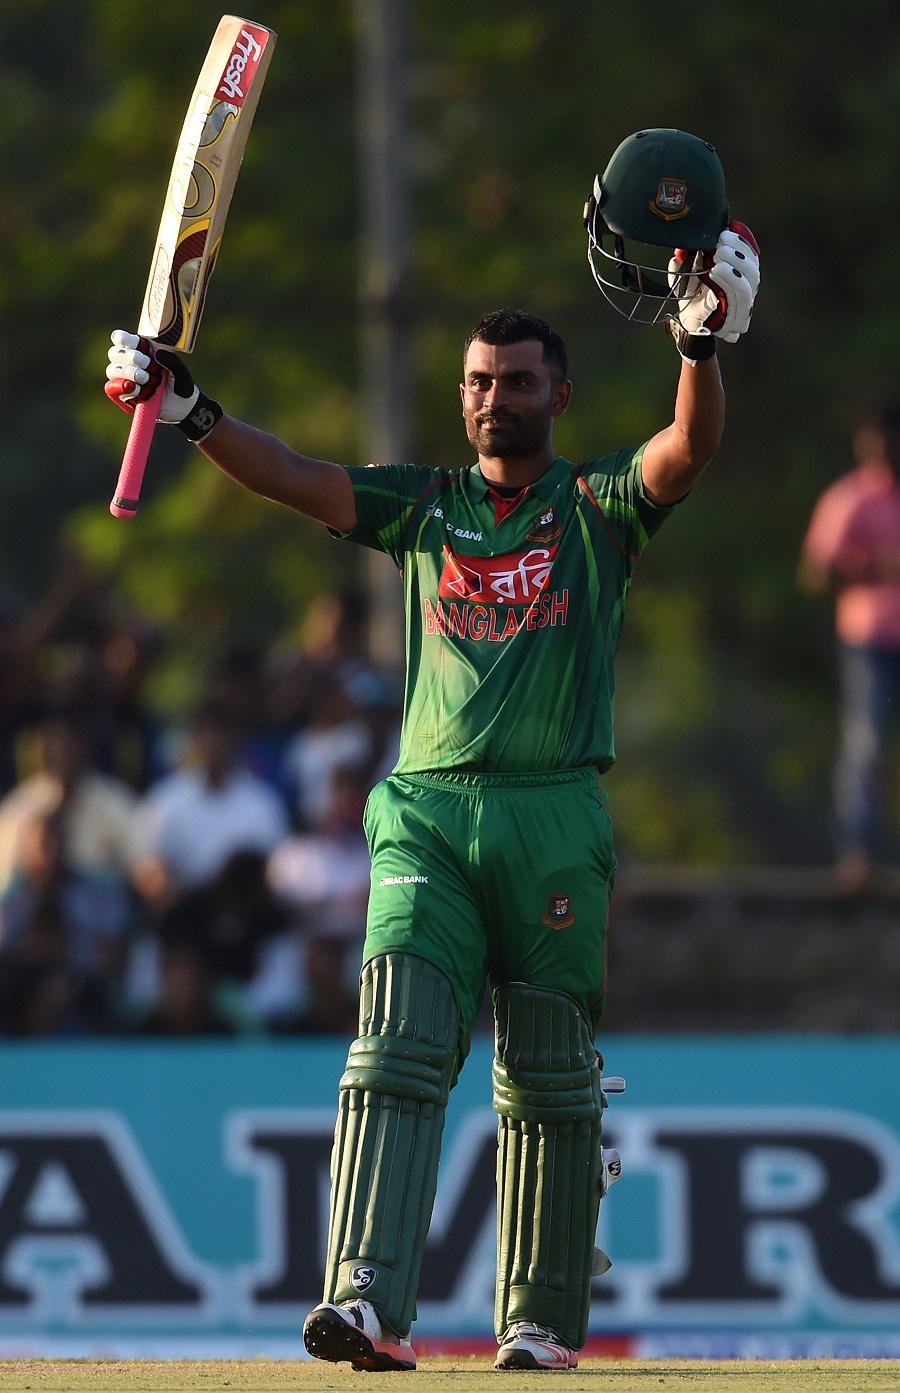 बांग्लादेश के लिए यह उपलब्धि हासिल करने वाले पहले खिलाड़ी बने तमीम इक़बाल 9